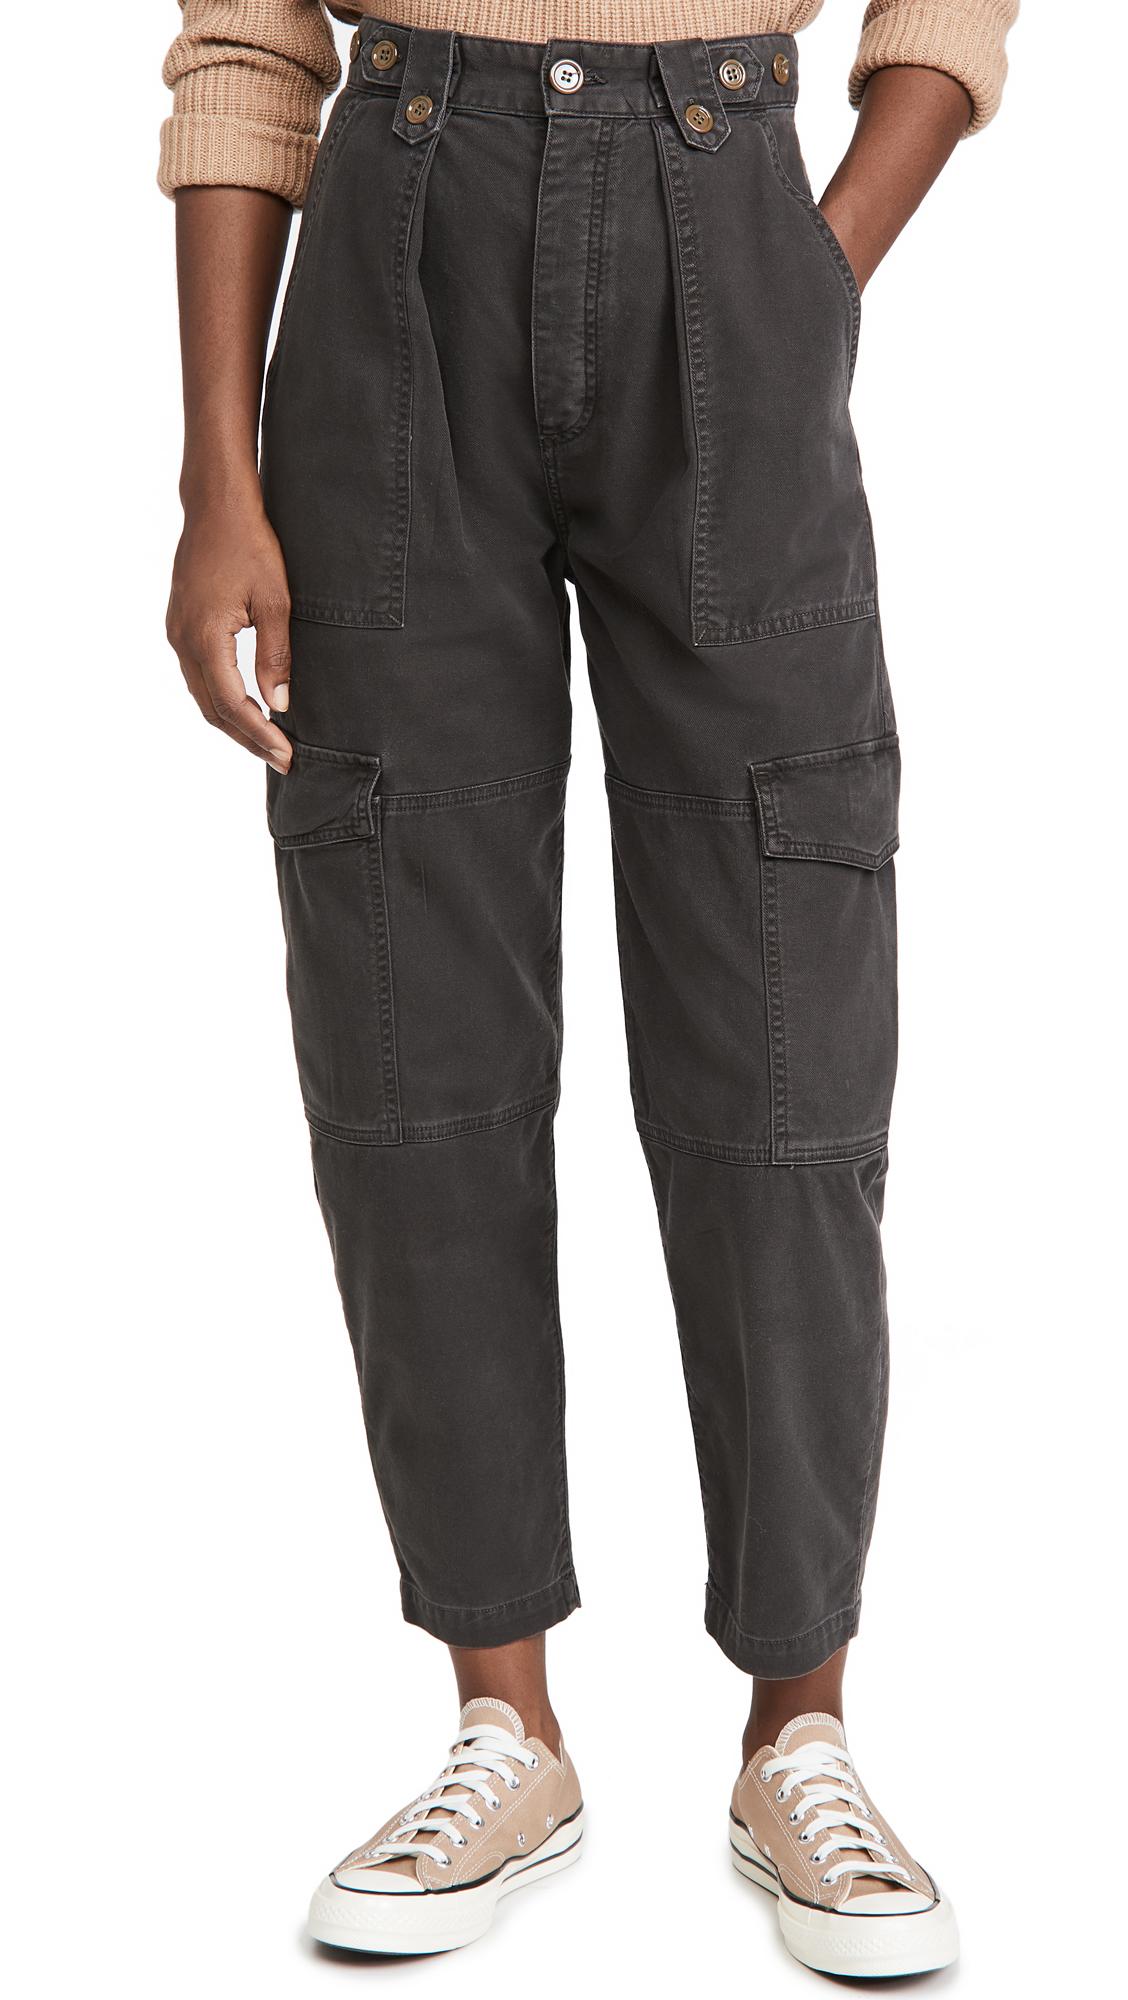 AGOLDE Mila Utility Pants